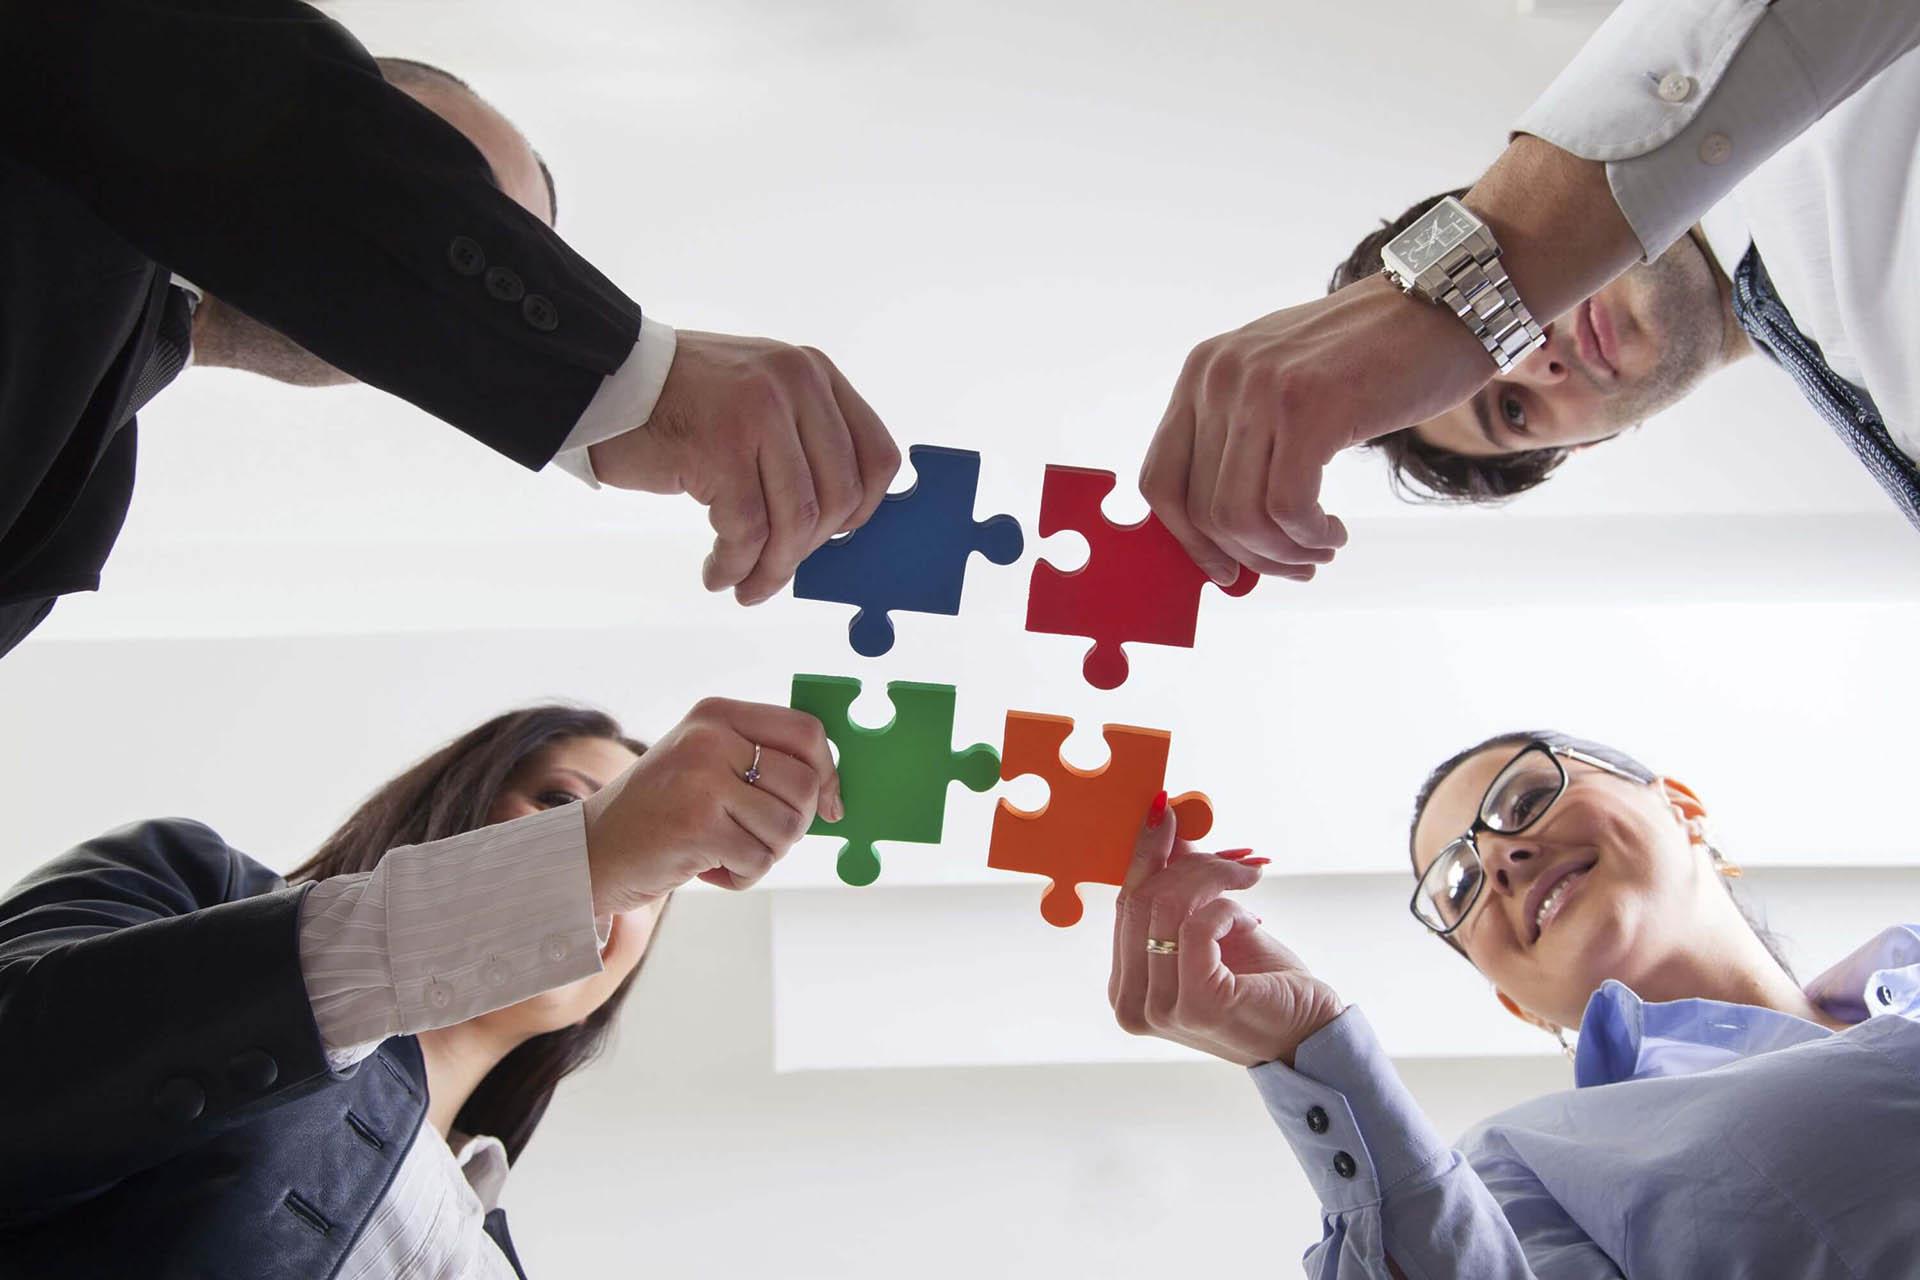 Бесплатный вебинар: Стратегическое управление бизнесом: спонтанно или системно?